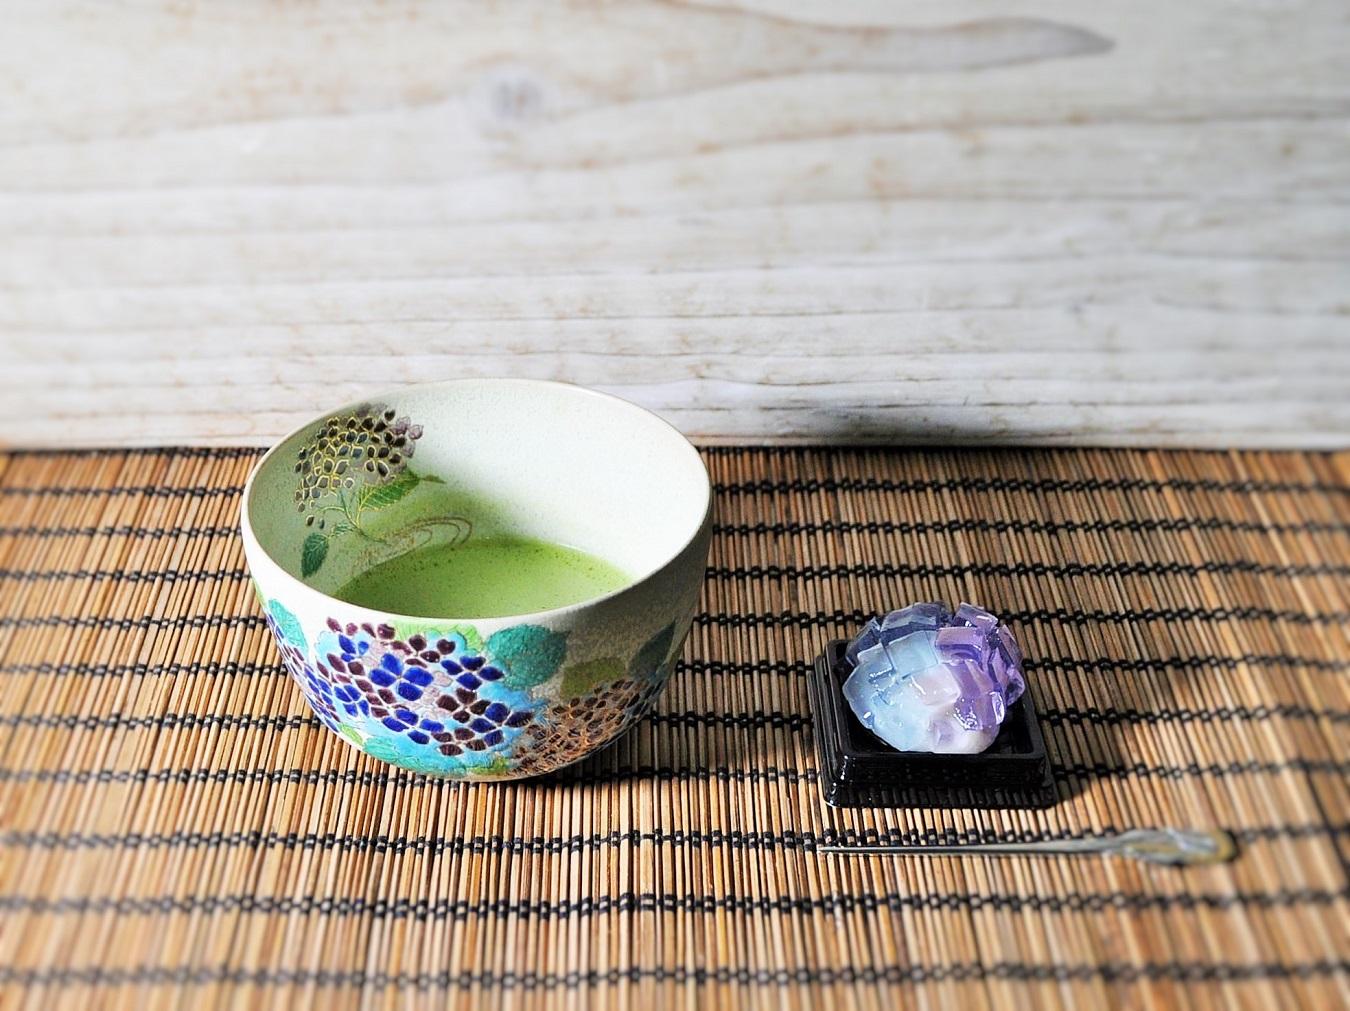 和菓子紫陽花を抹茶とともにいただく画像